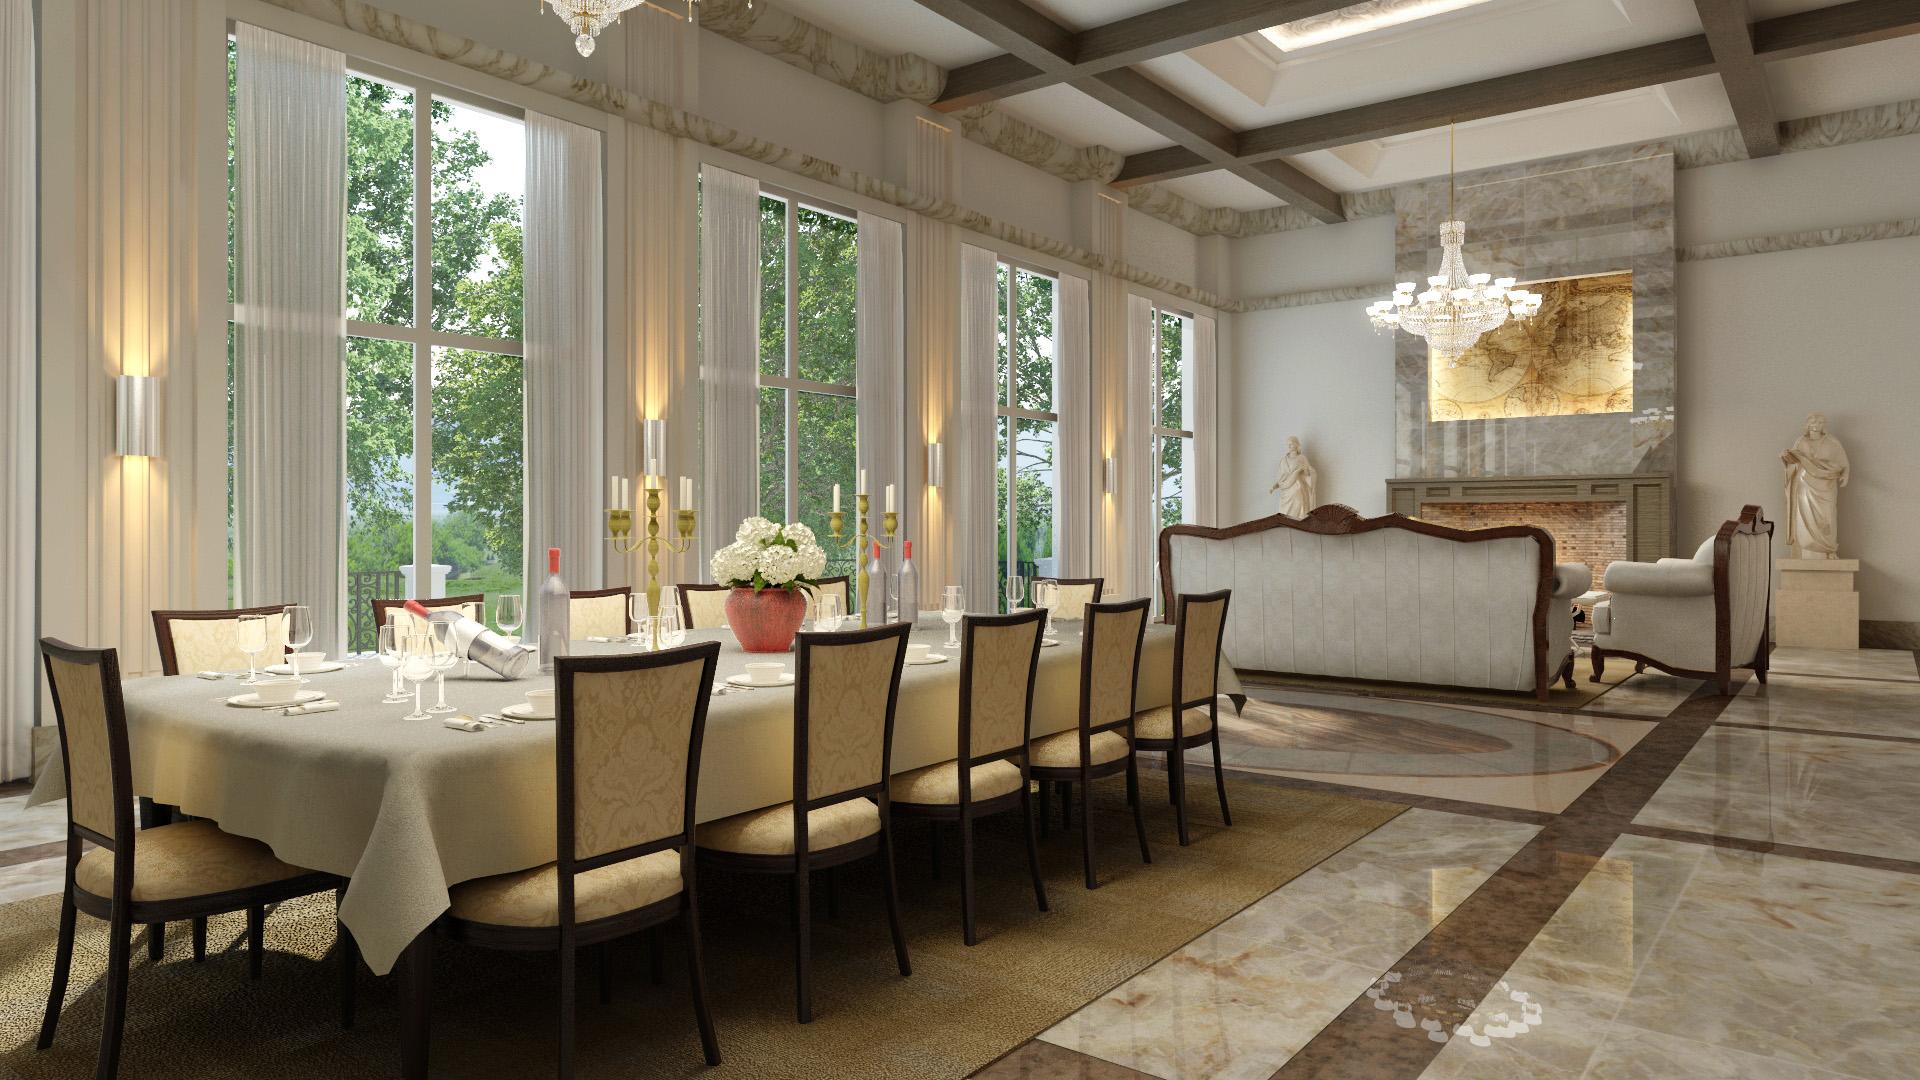 IMD_Rendering_Residential_Luxury_Dining.jpg